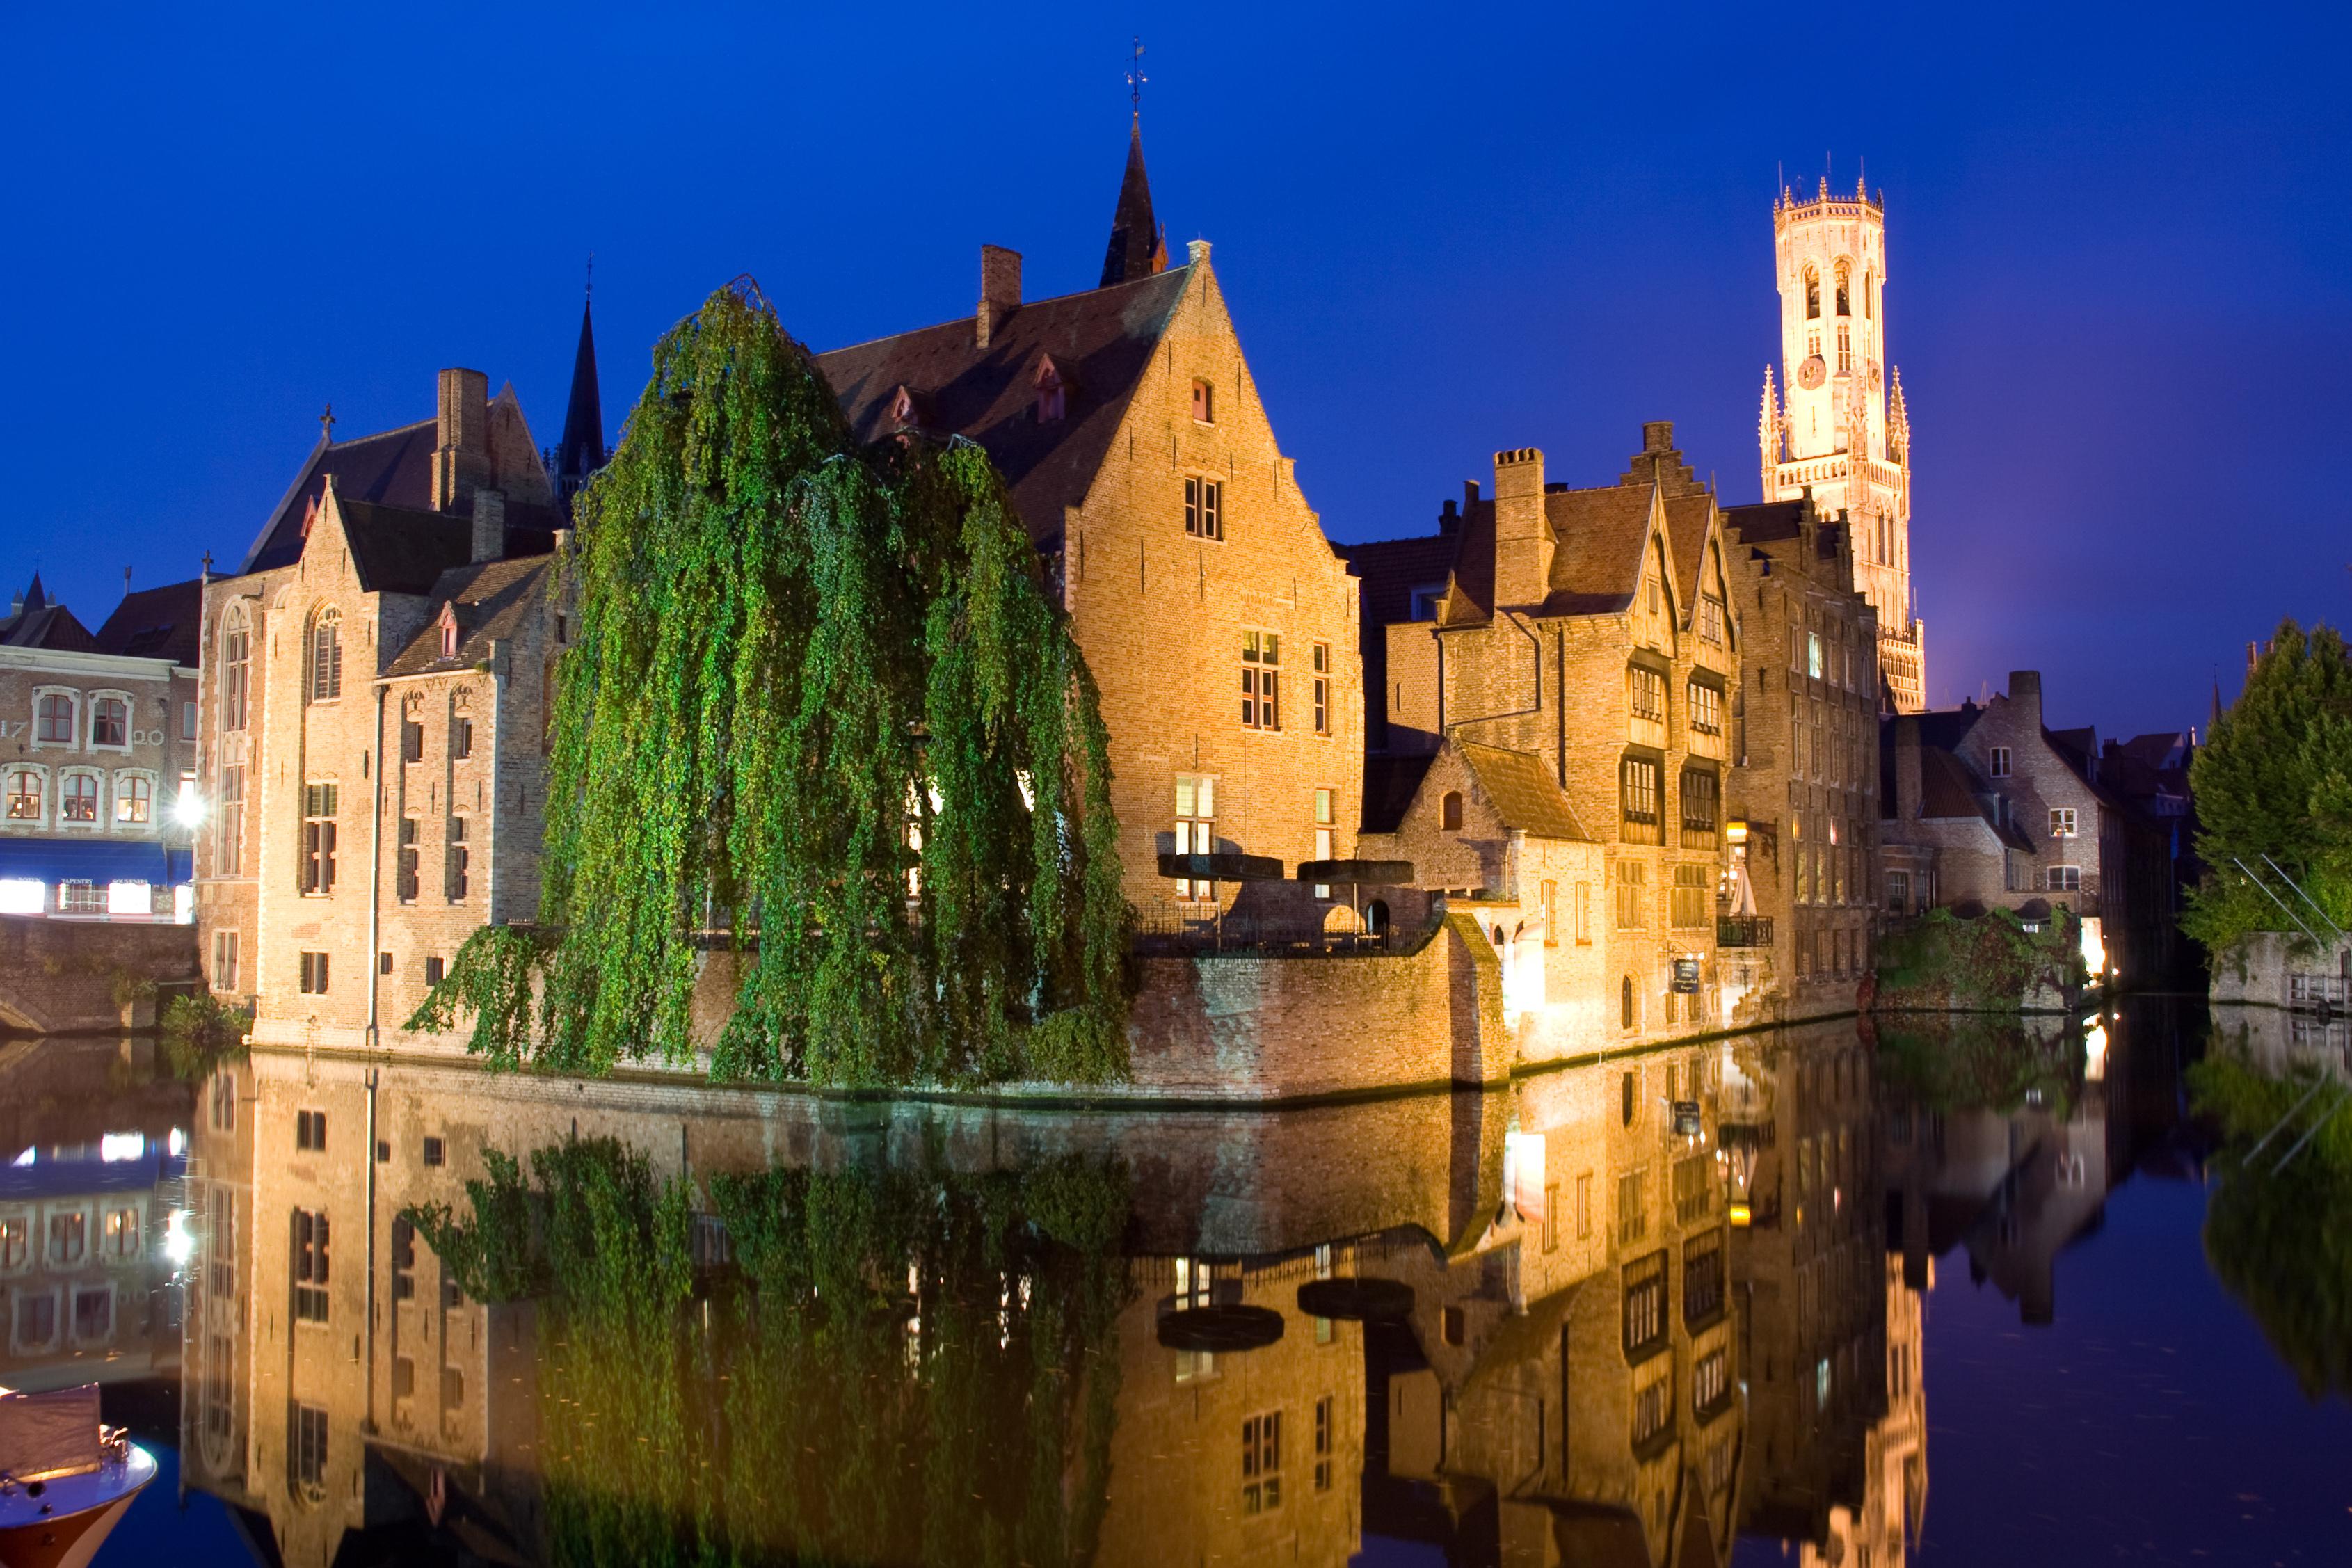 страны архитектура река Бельгия Брюгге  № 1730875 загрузить